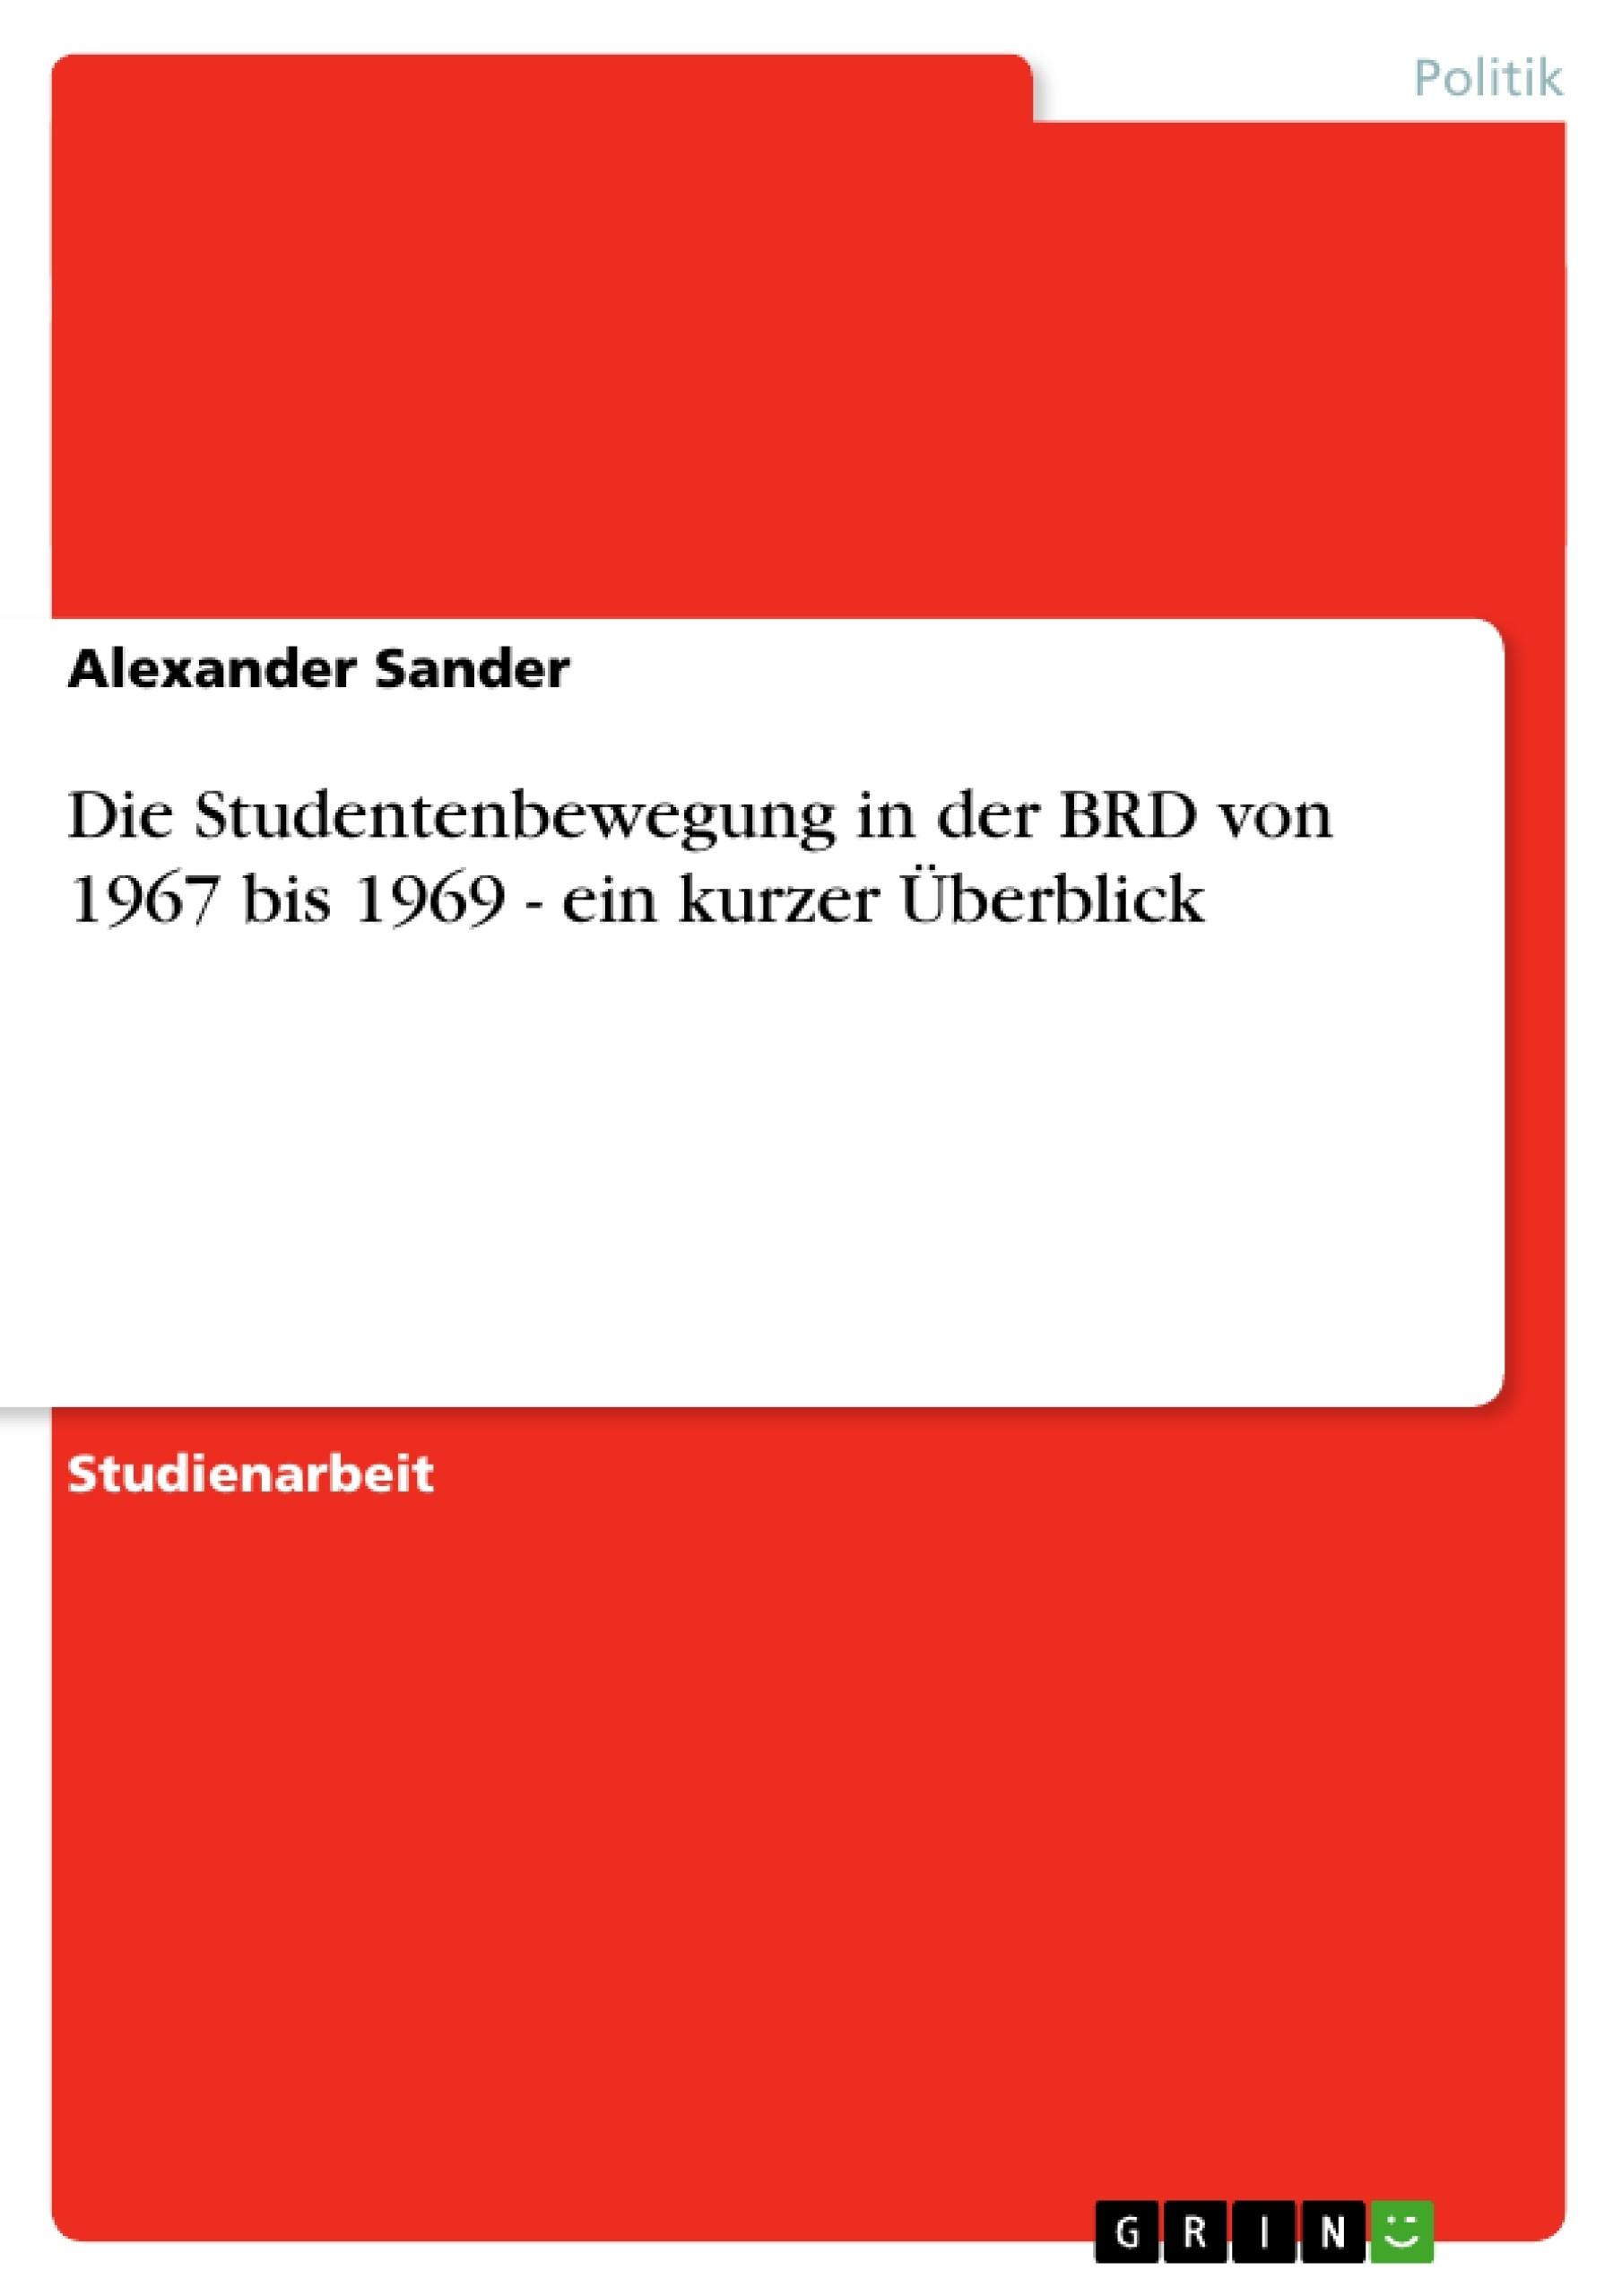 Titel: Die Studentenbewegung in der BRD von 1967 bis 1969 - ein kurzer Überblick